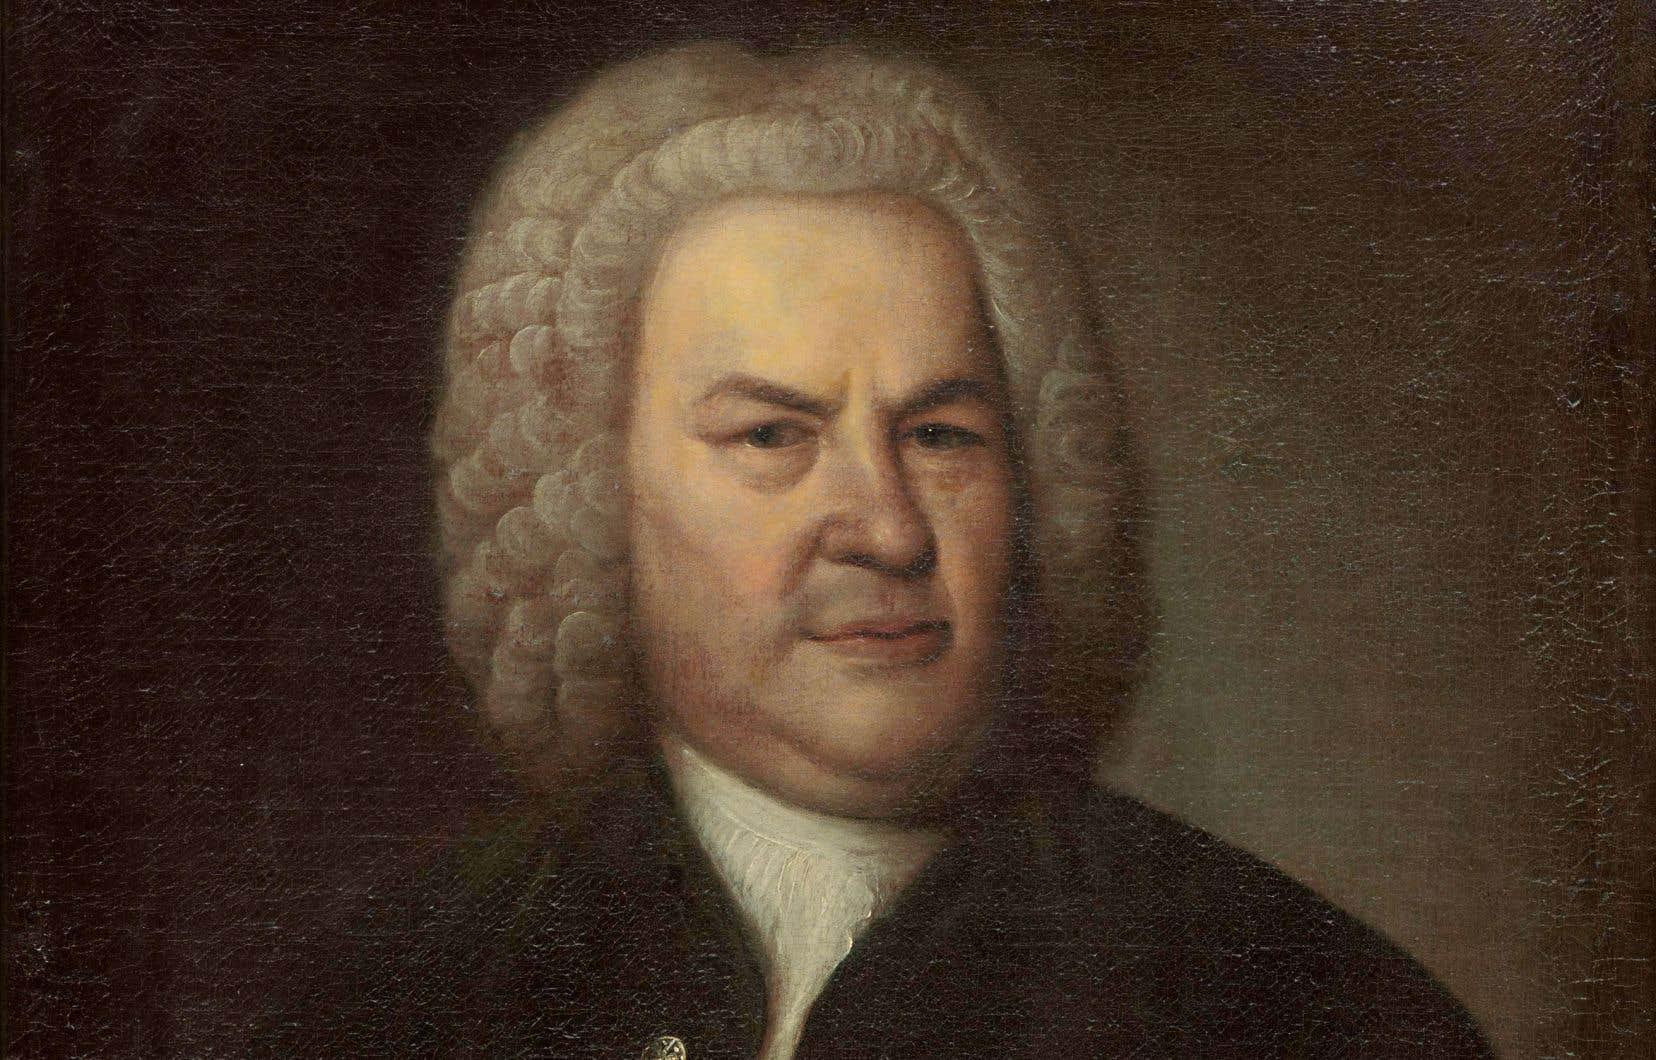 Avec 280heures de musique mobilisant 750 interprètes et ensembles, cette montagne Bach n'a pas fini de nourrir les mélomanes.